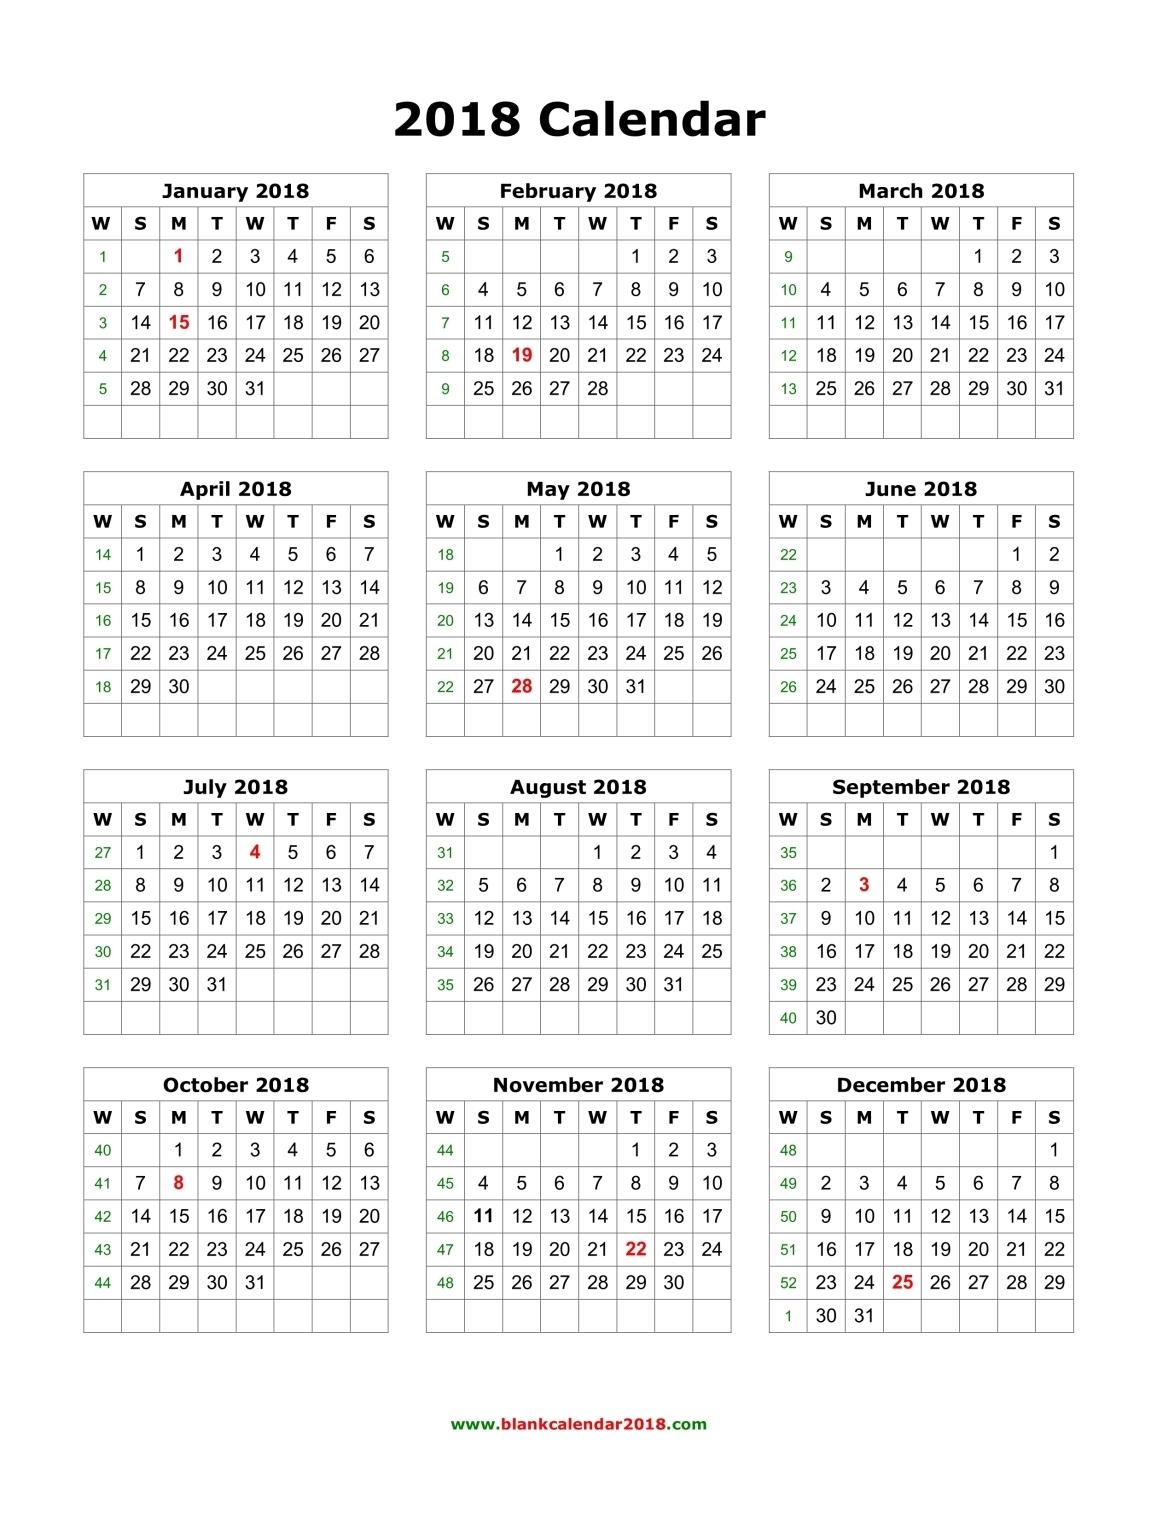 Blank Calendar 2018 throughout Blank 4 Week Calendar Printable